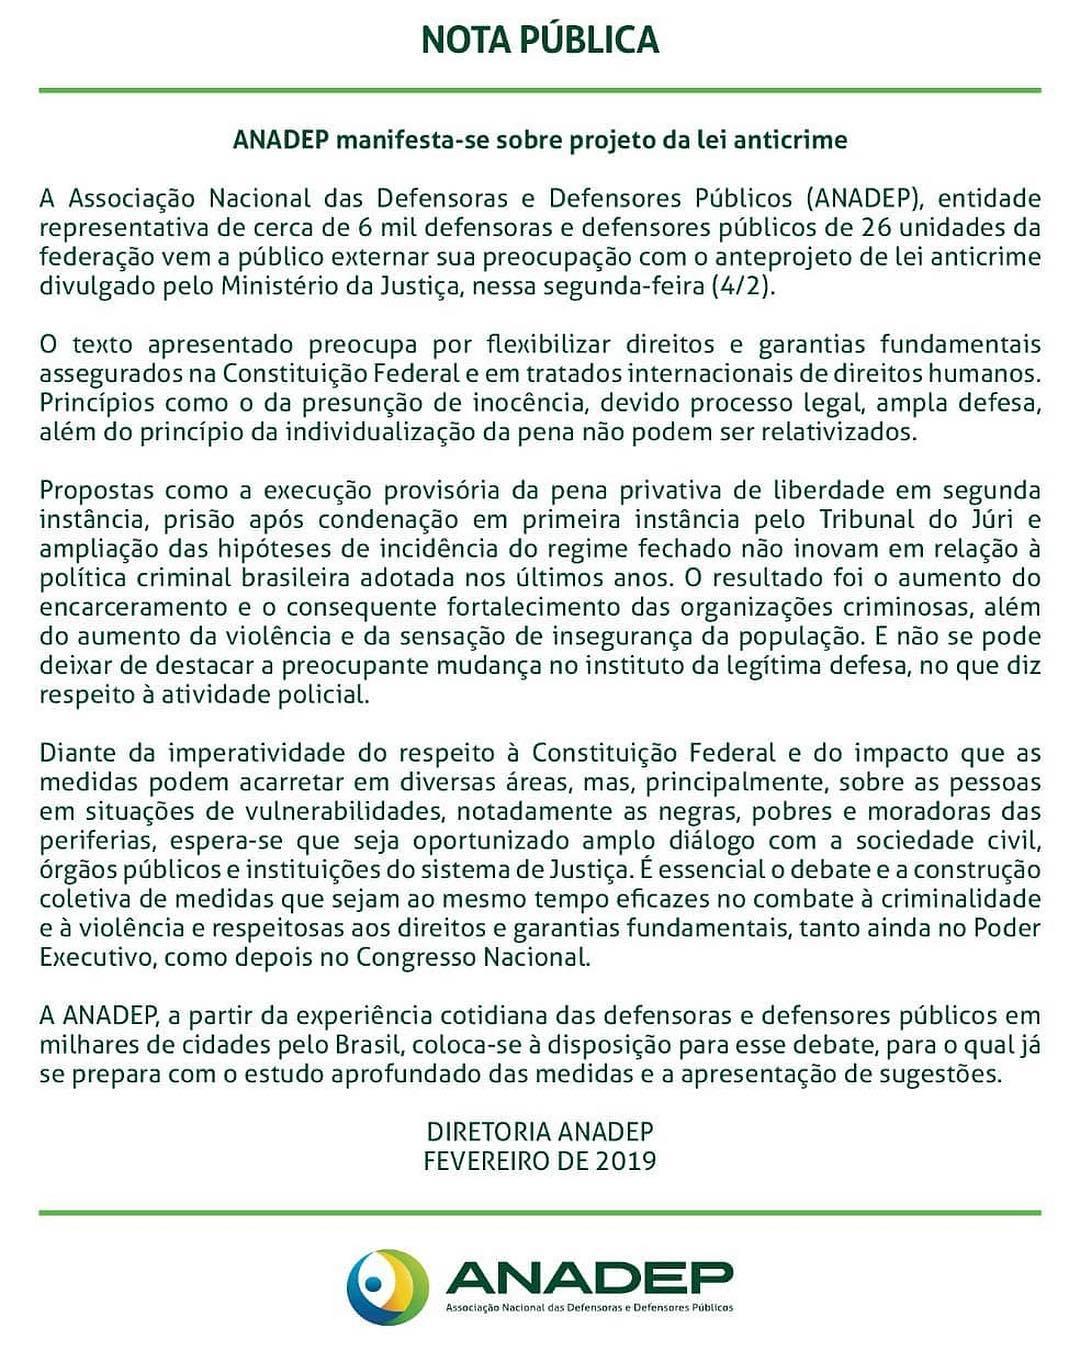 APIDEP manifesta-se sobre projeto de Lei Anticrime